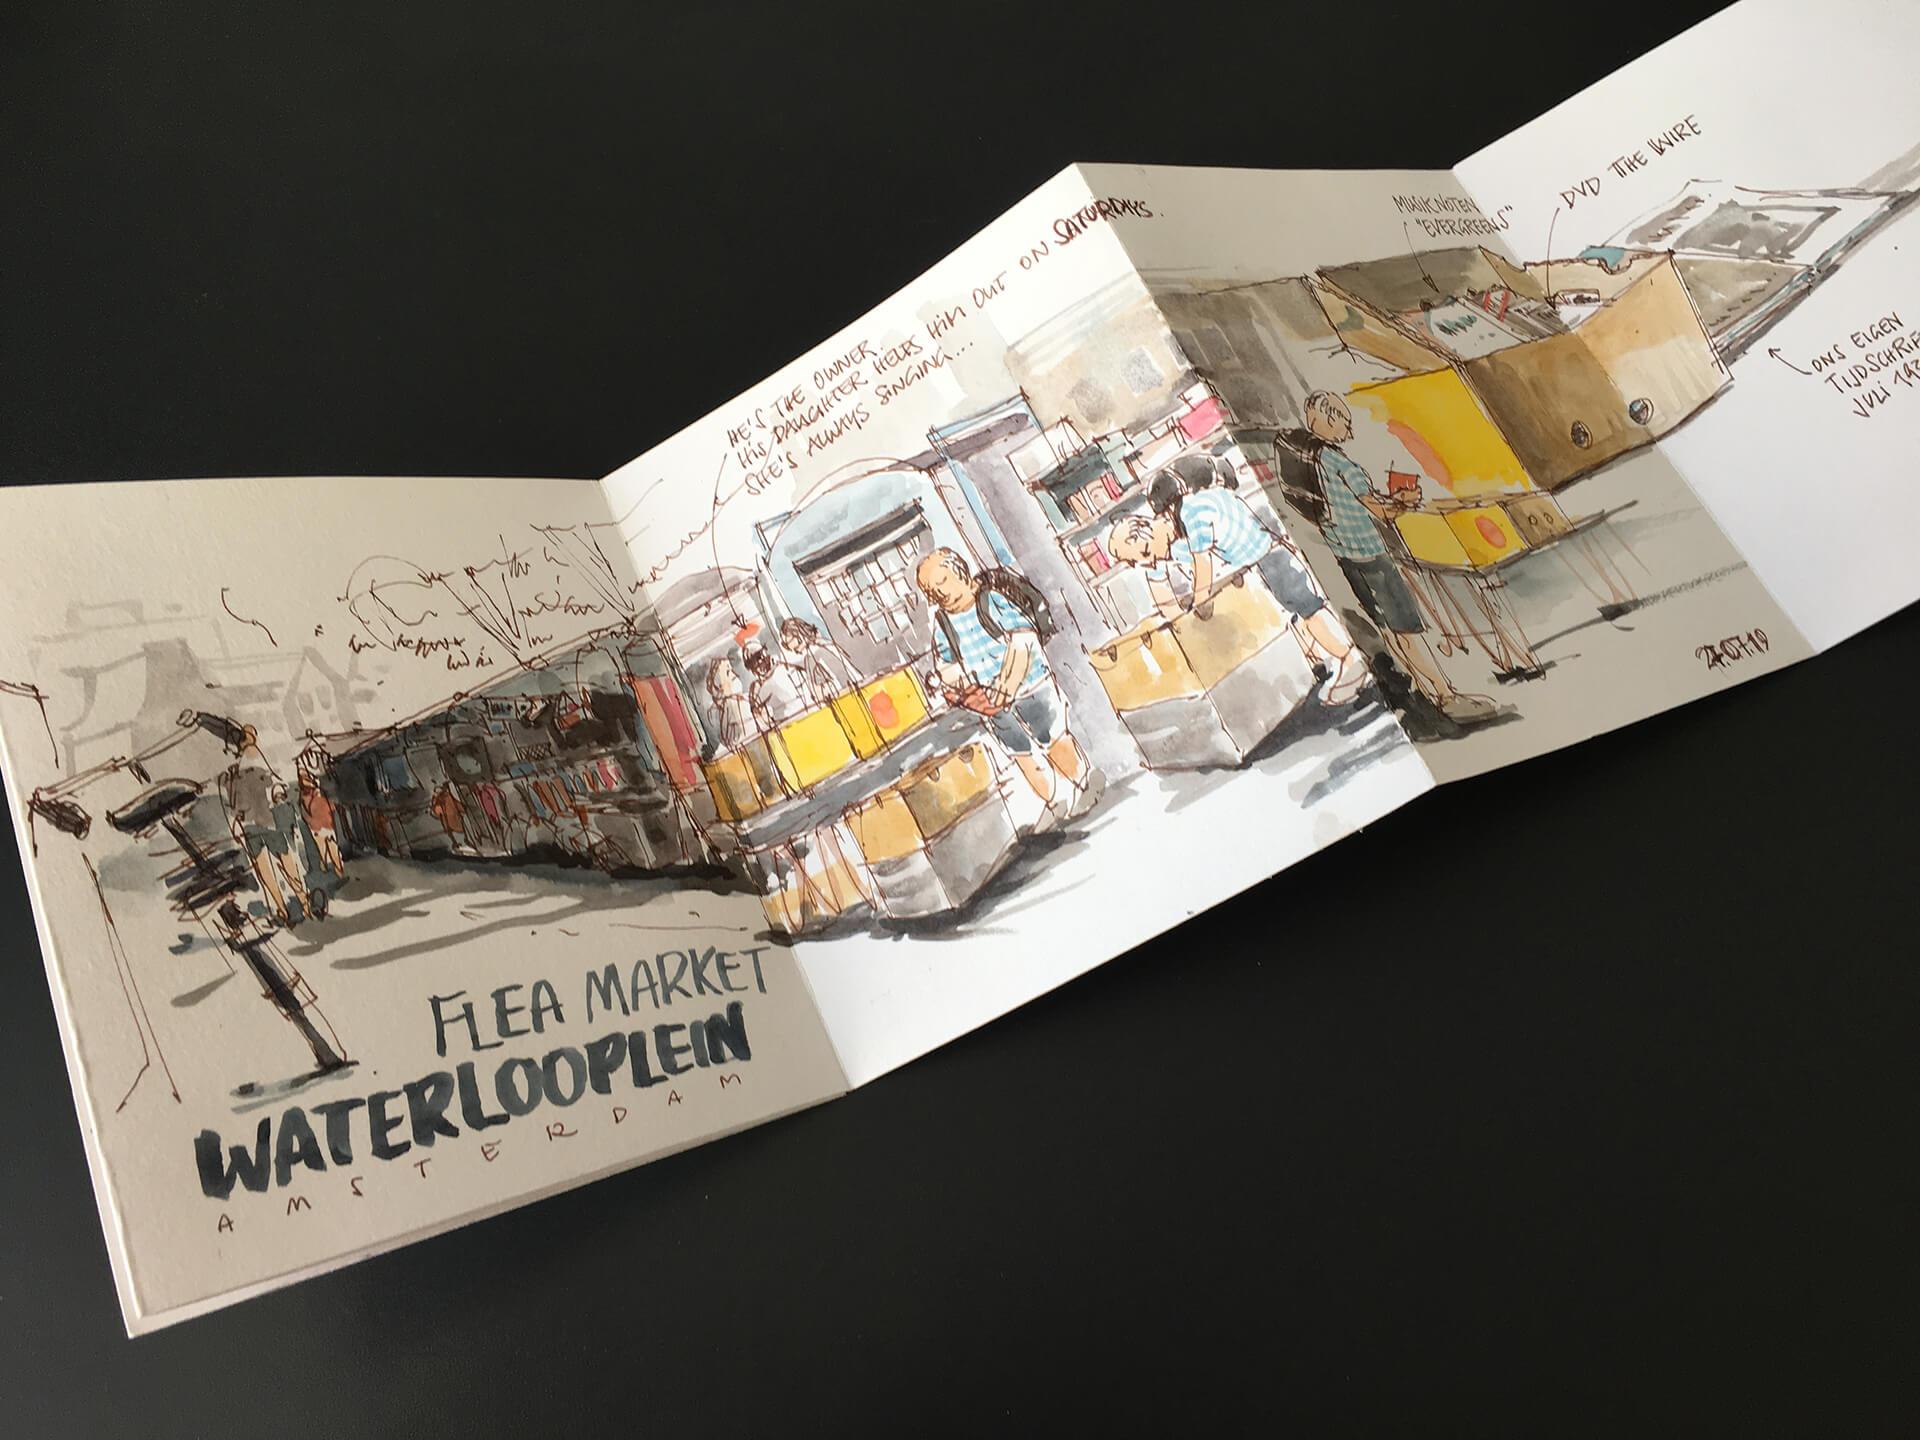 Flohmarkt Waterlooplein Amsterdam